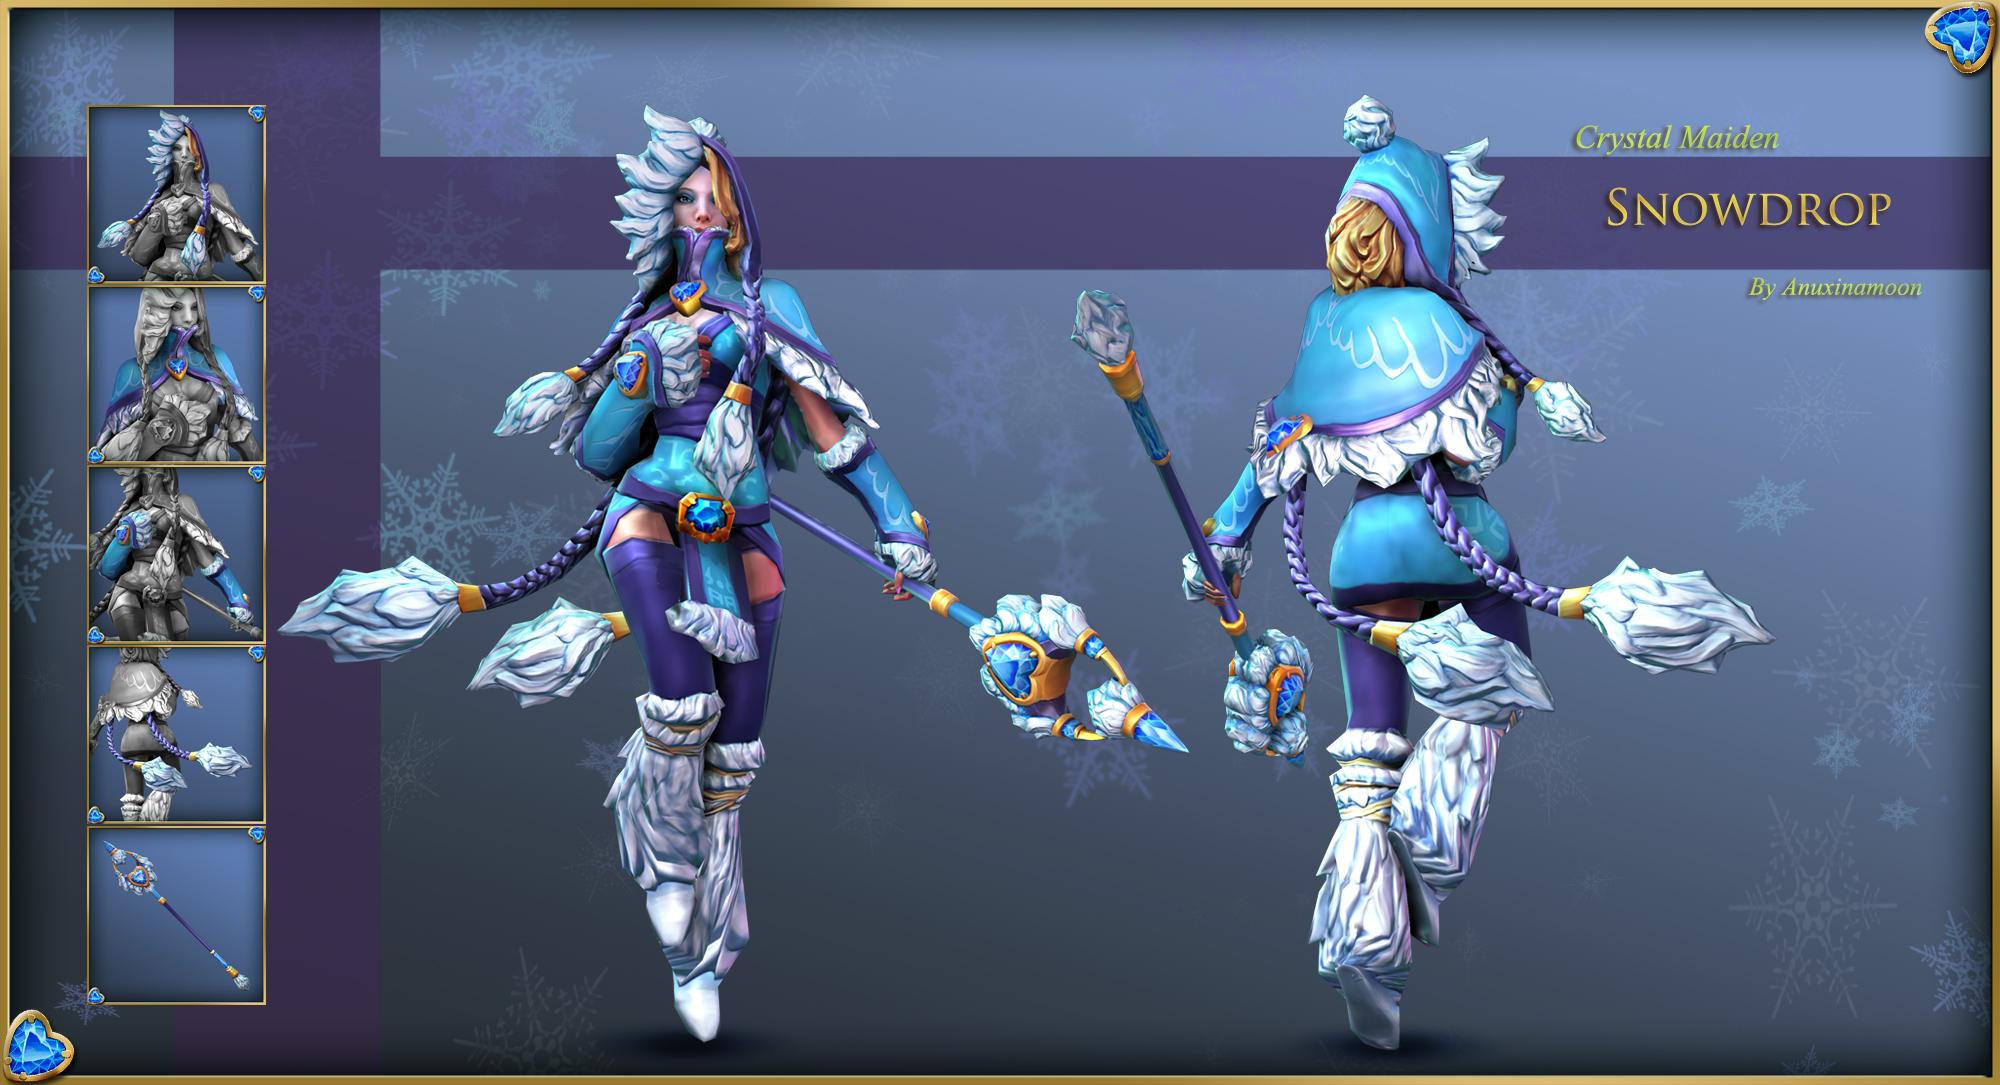 crystal maiden snowdrop